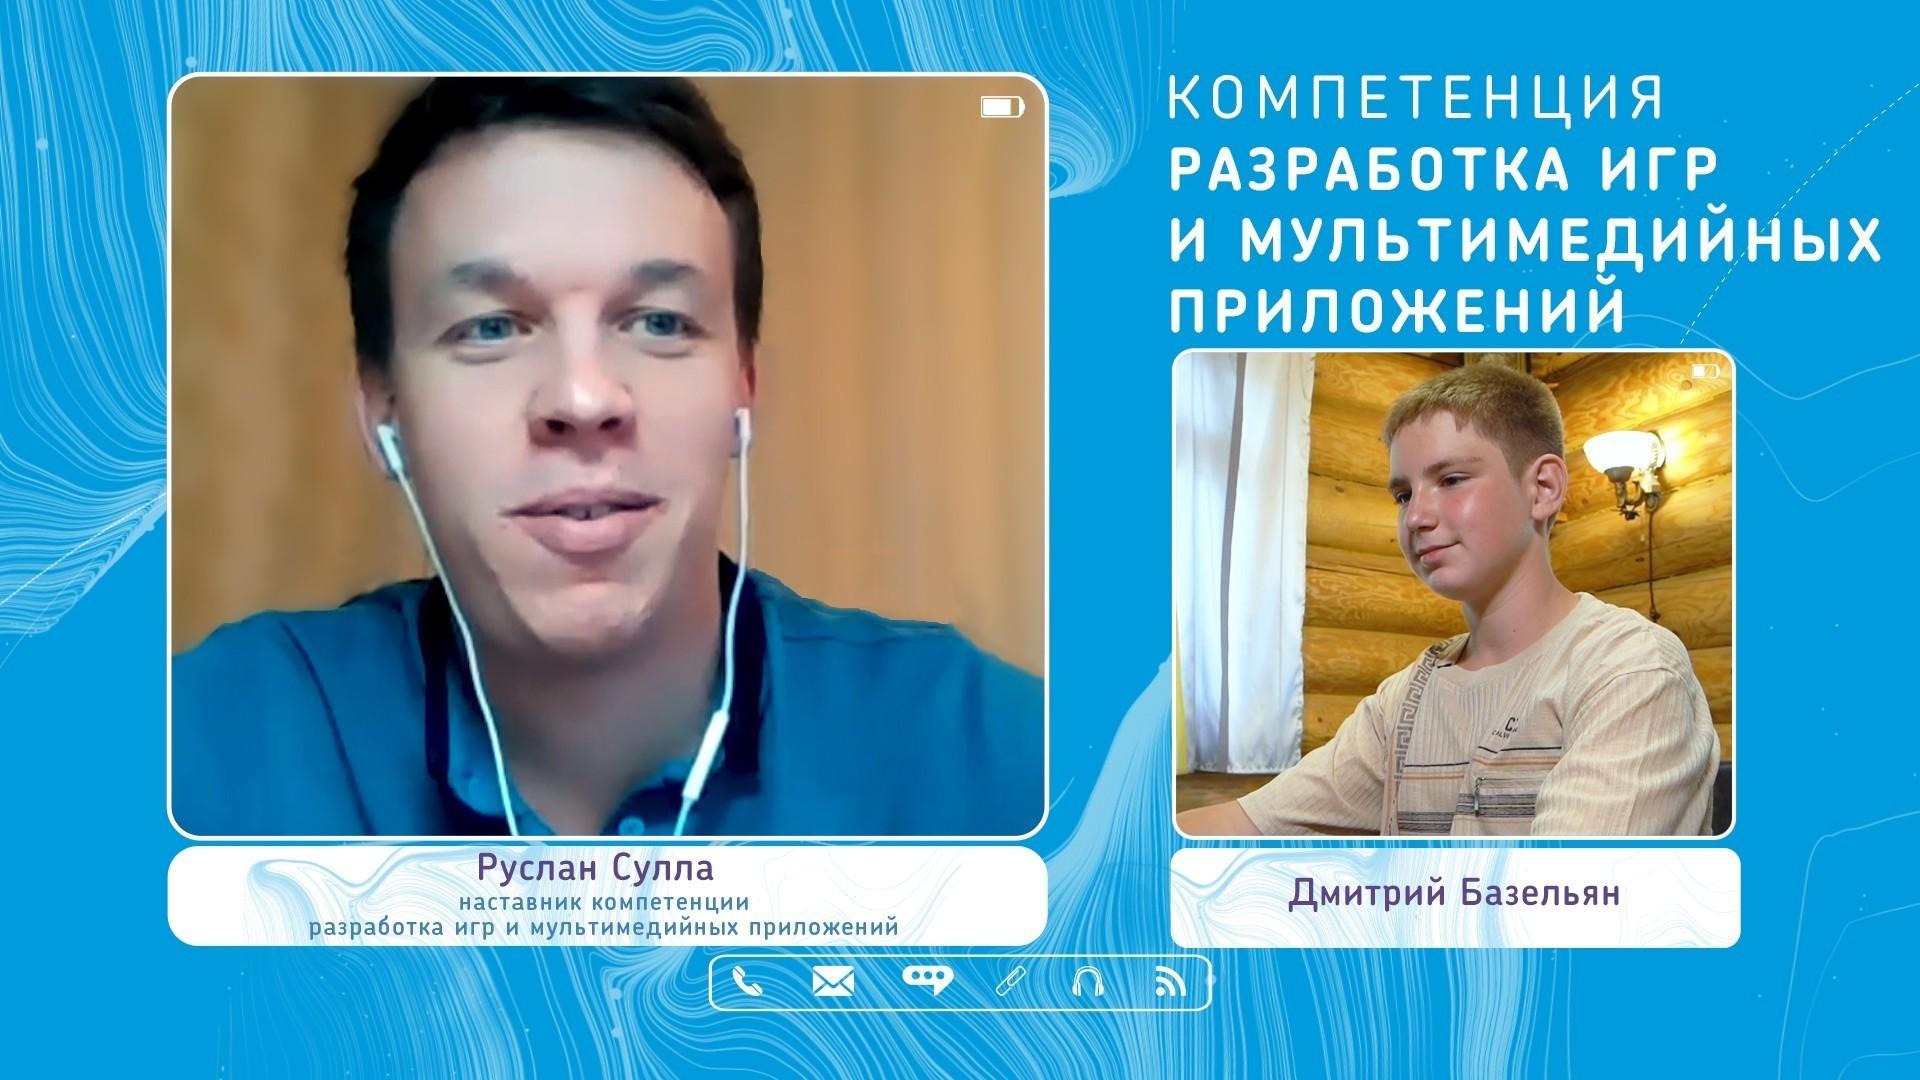 Билет вбудущее. Выпуск №2. Дмитрий Базельян